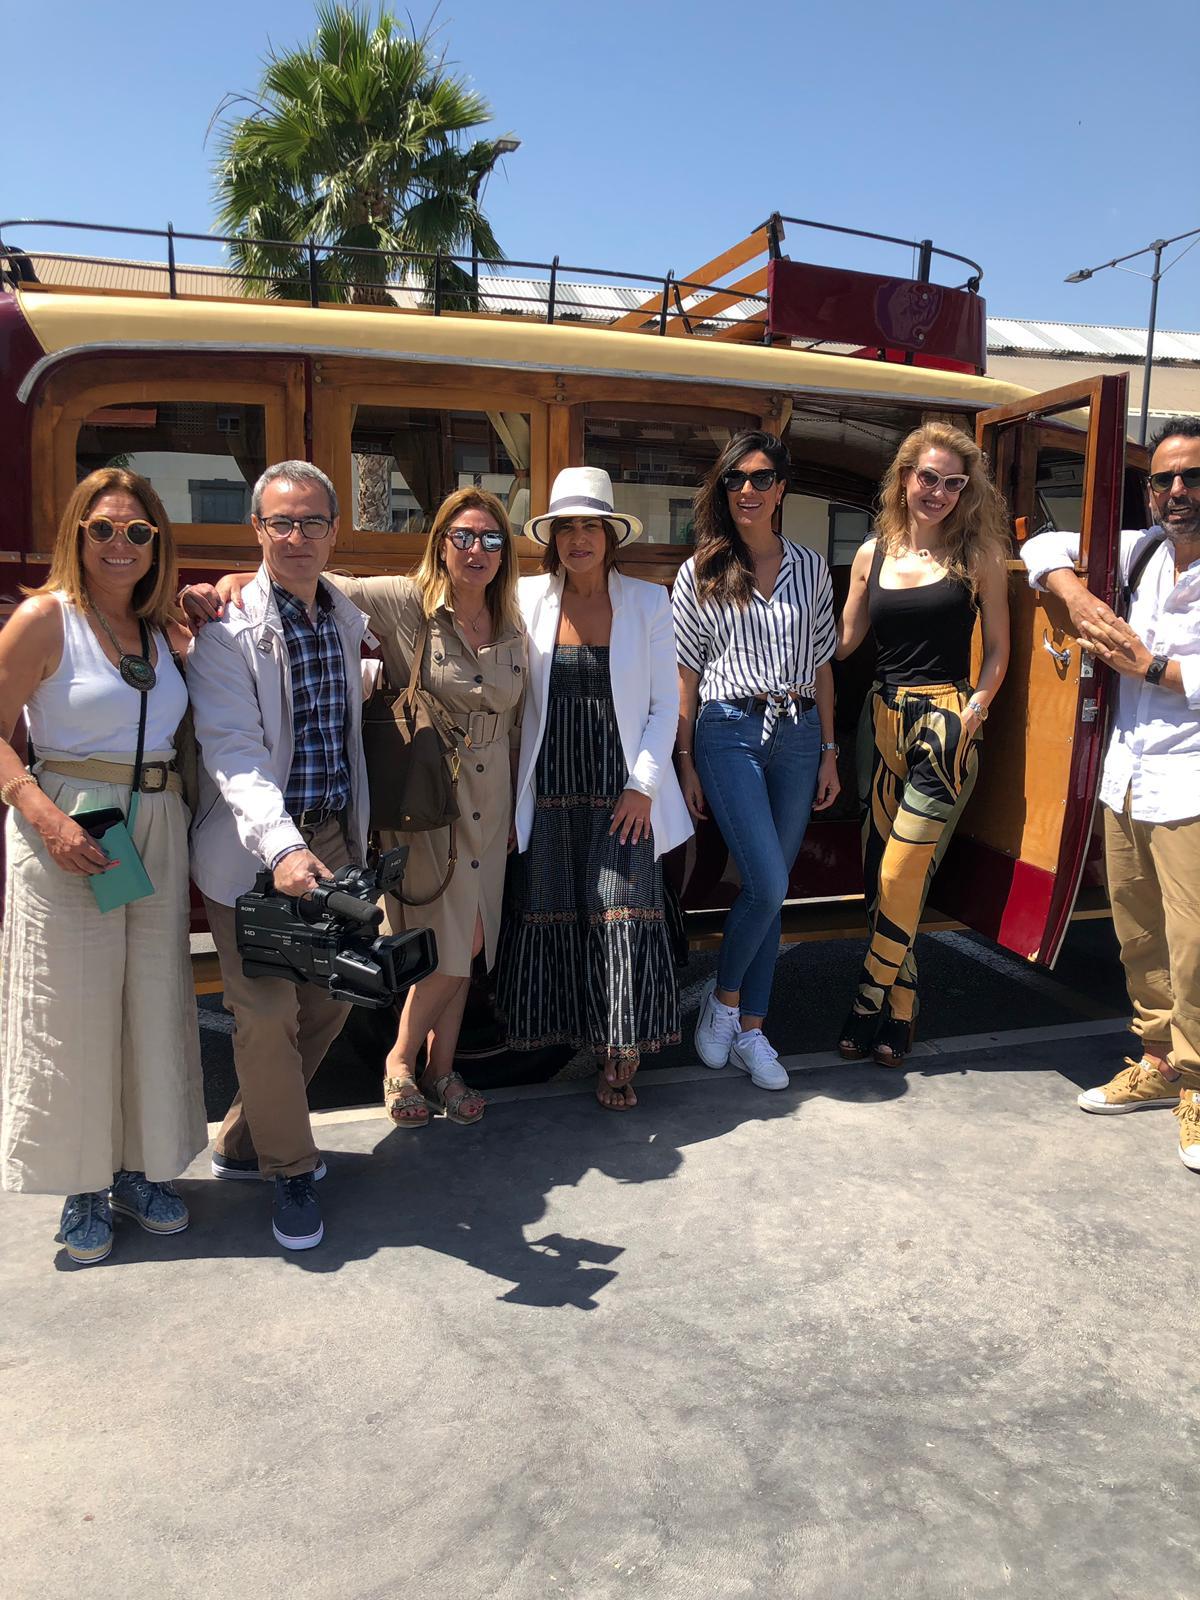 Llegada a la estación de tren de Alicante. De izquierda a derecha: Manu Núñez, Andrés Vázquez, Isabel Núñez, Naima Barcelona, Verónica HIdalgo, Miriam Victoria y Raúl Sánchez. Steward de Autocares Mi-Sol.